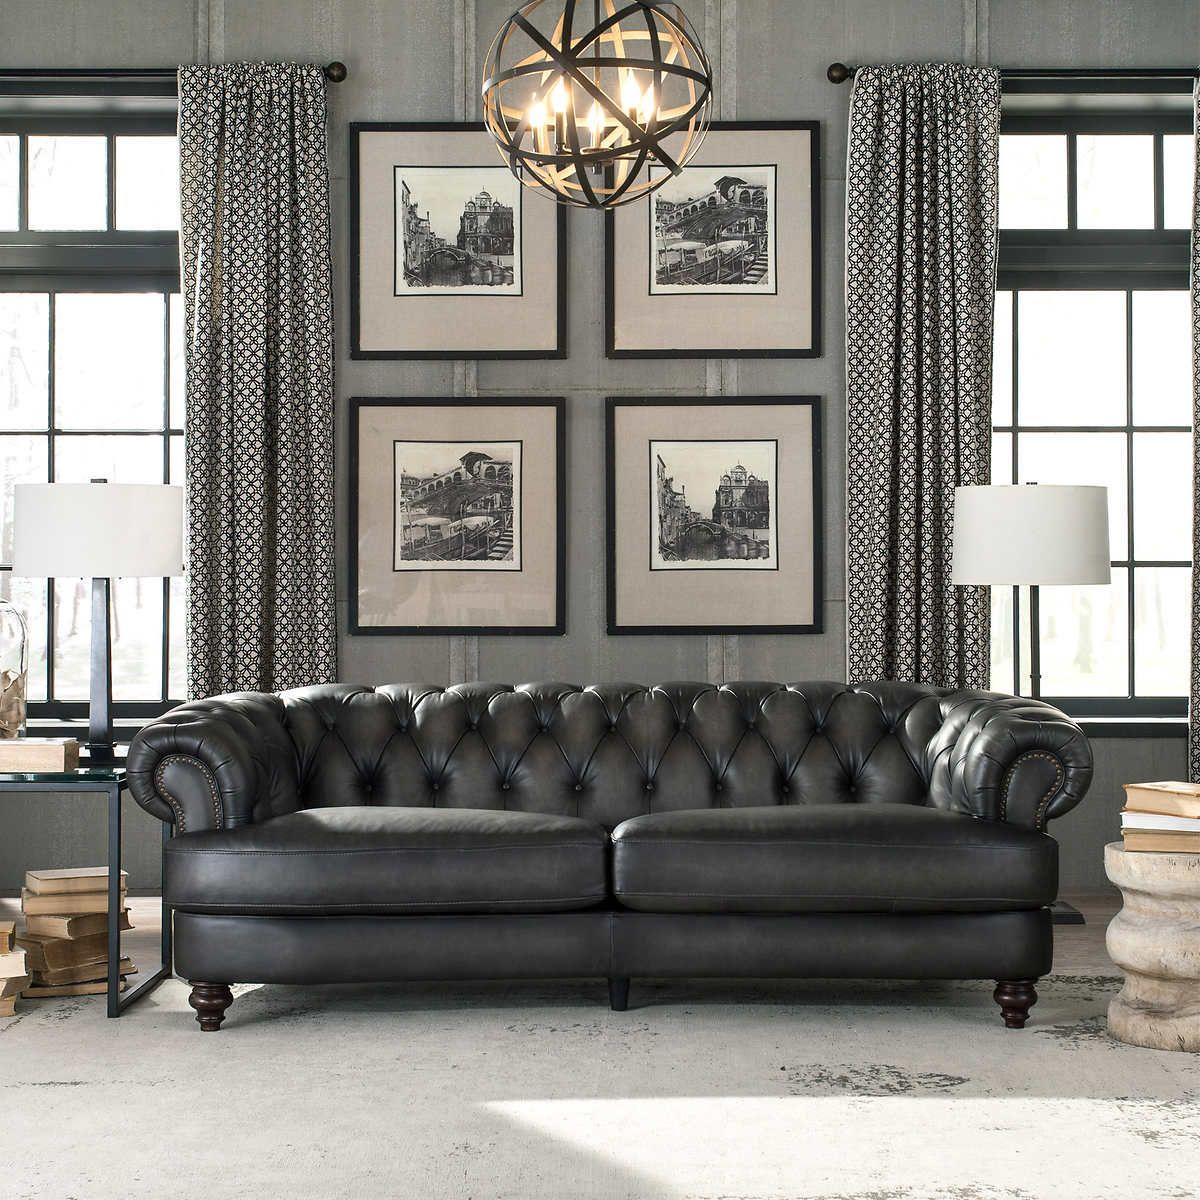 Glenbrook Leather Sofa Leather sofa, Best leather sofa